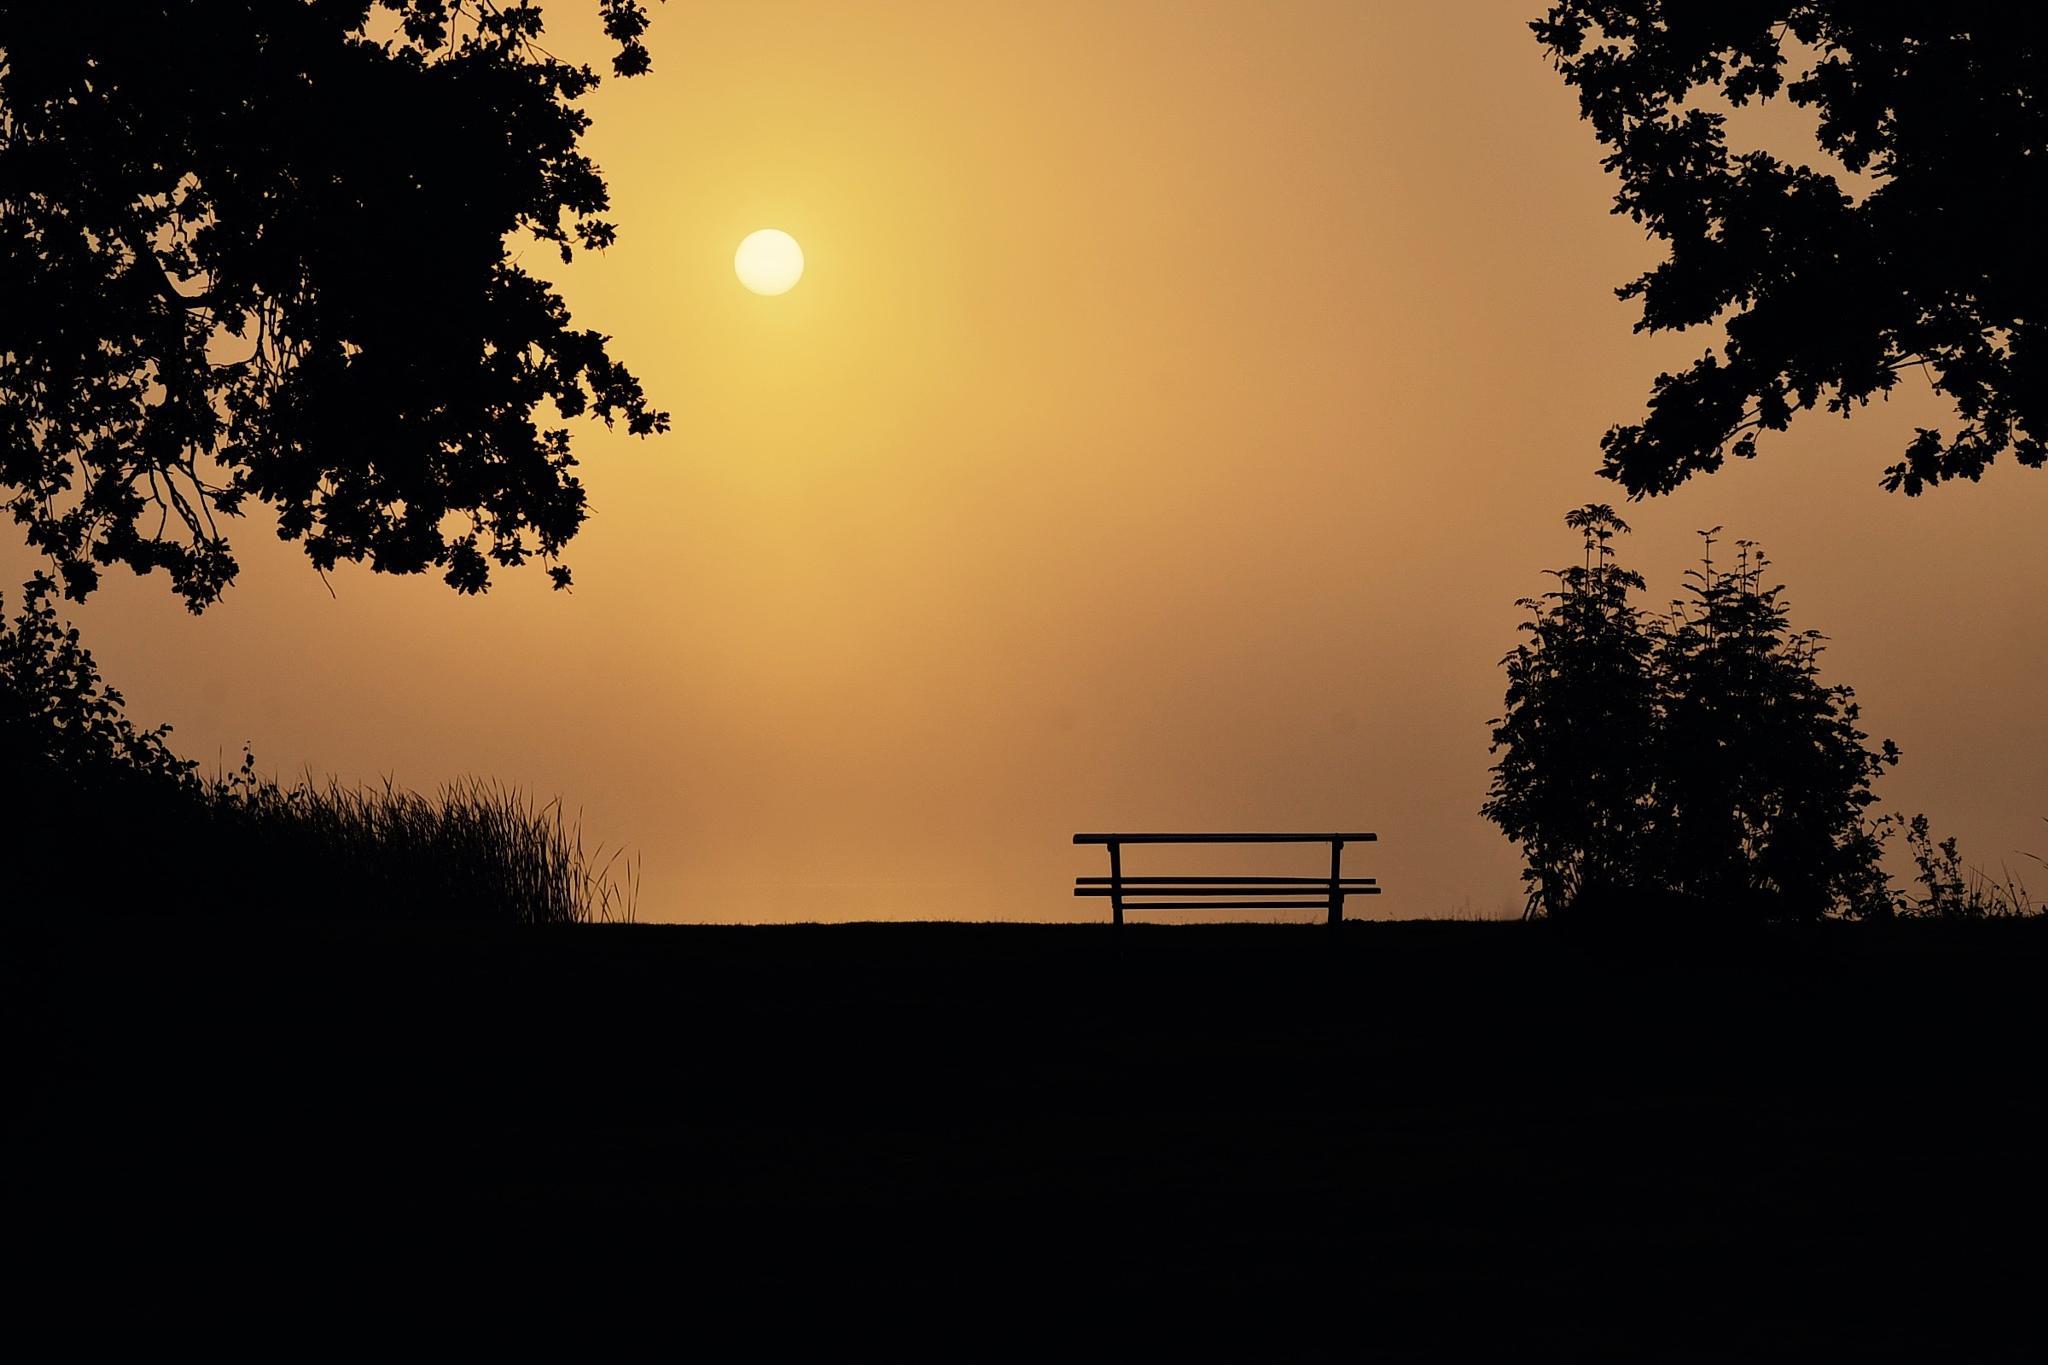 Sunrise 2 by moeng